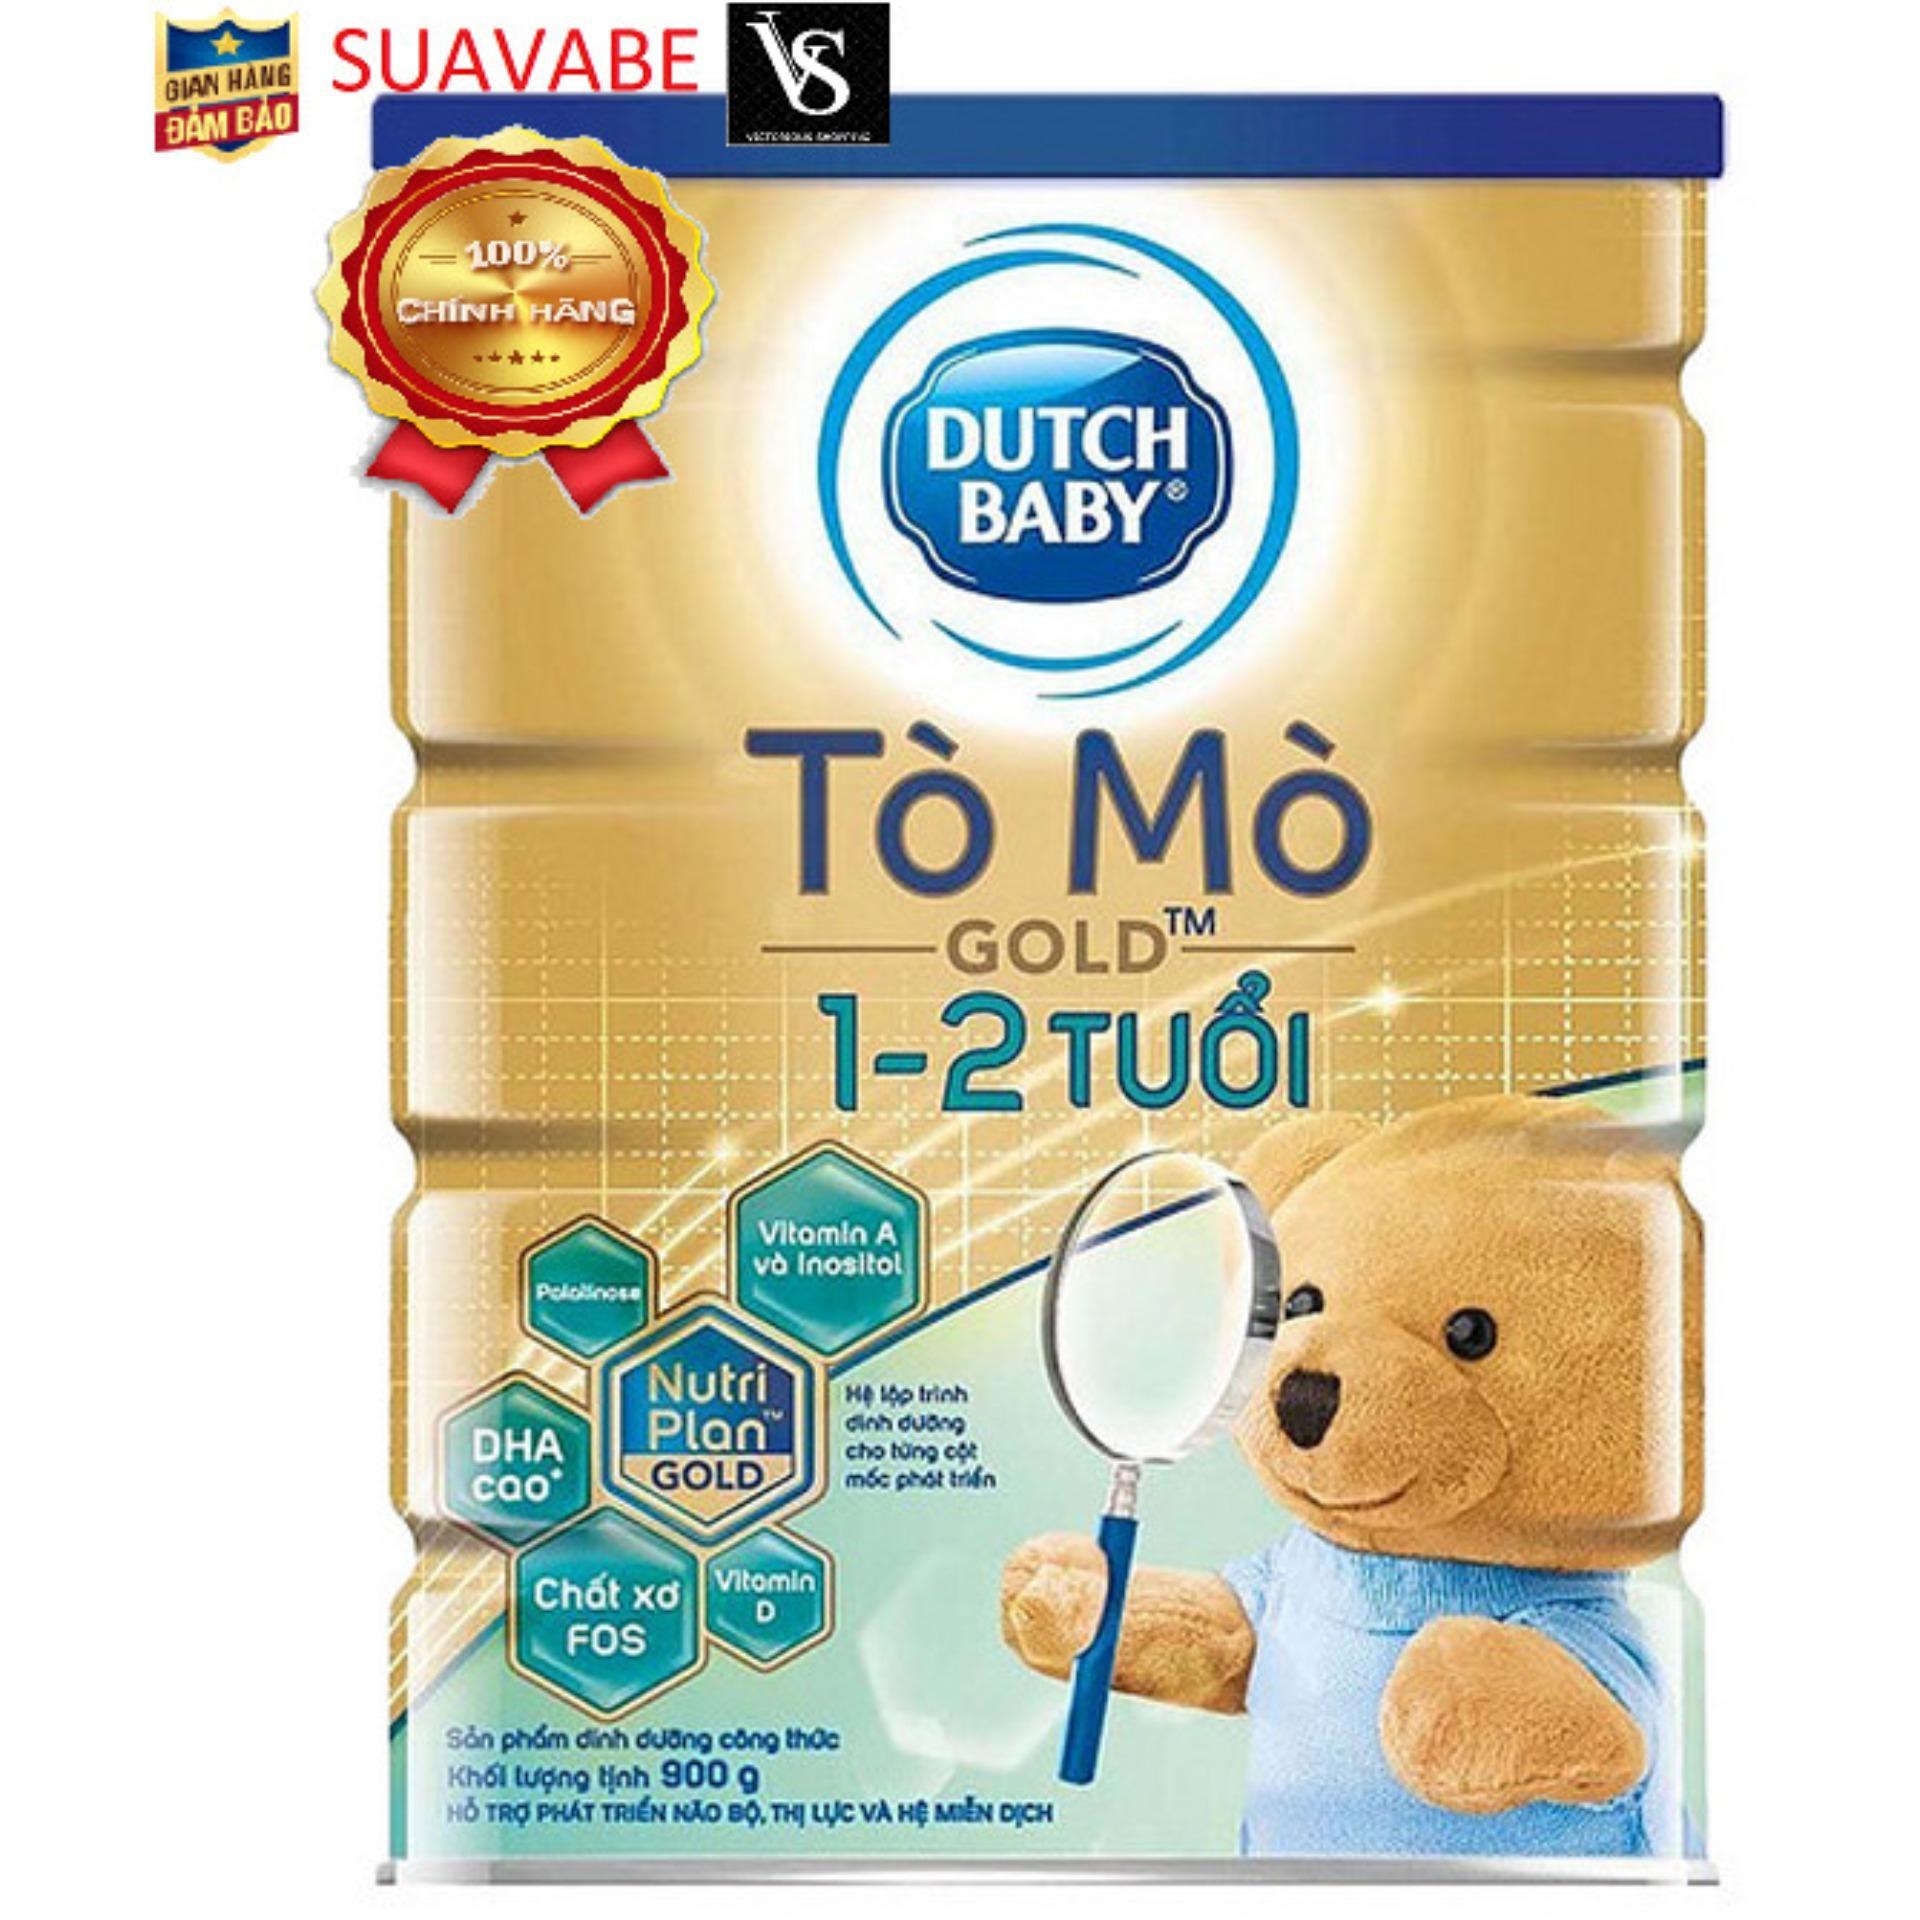 Sữa bột dutch lady Tò Mò gold 1-2 tuổi hộp 900g